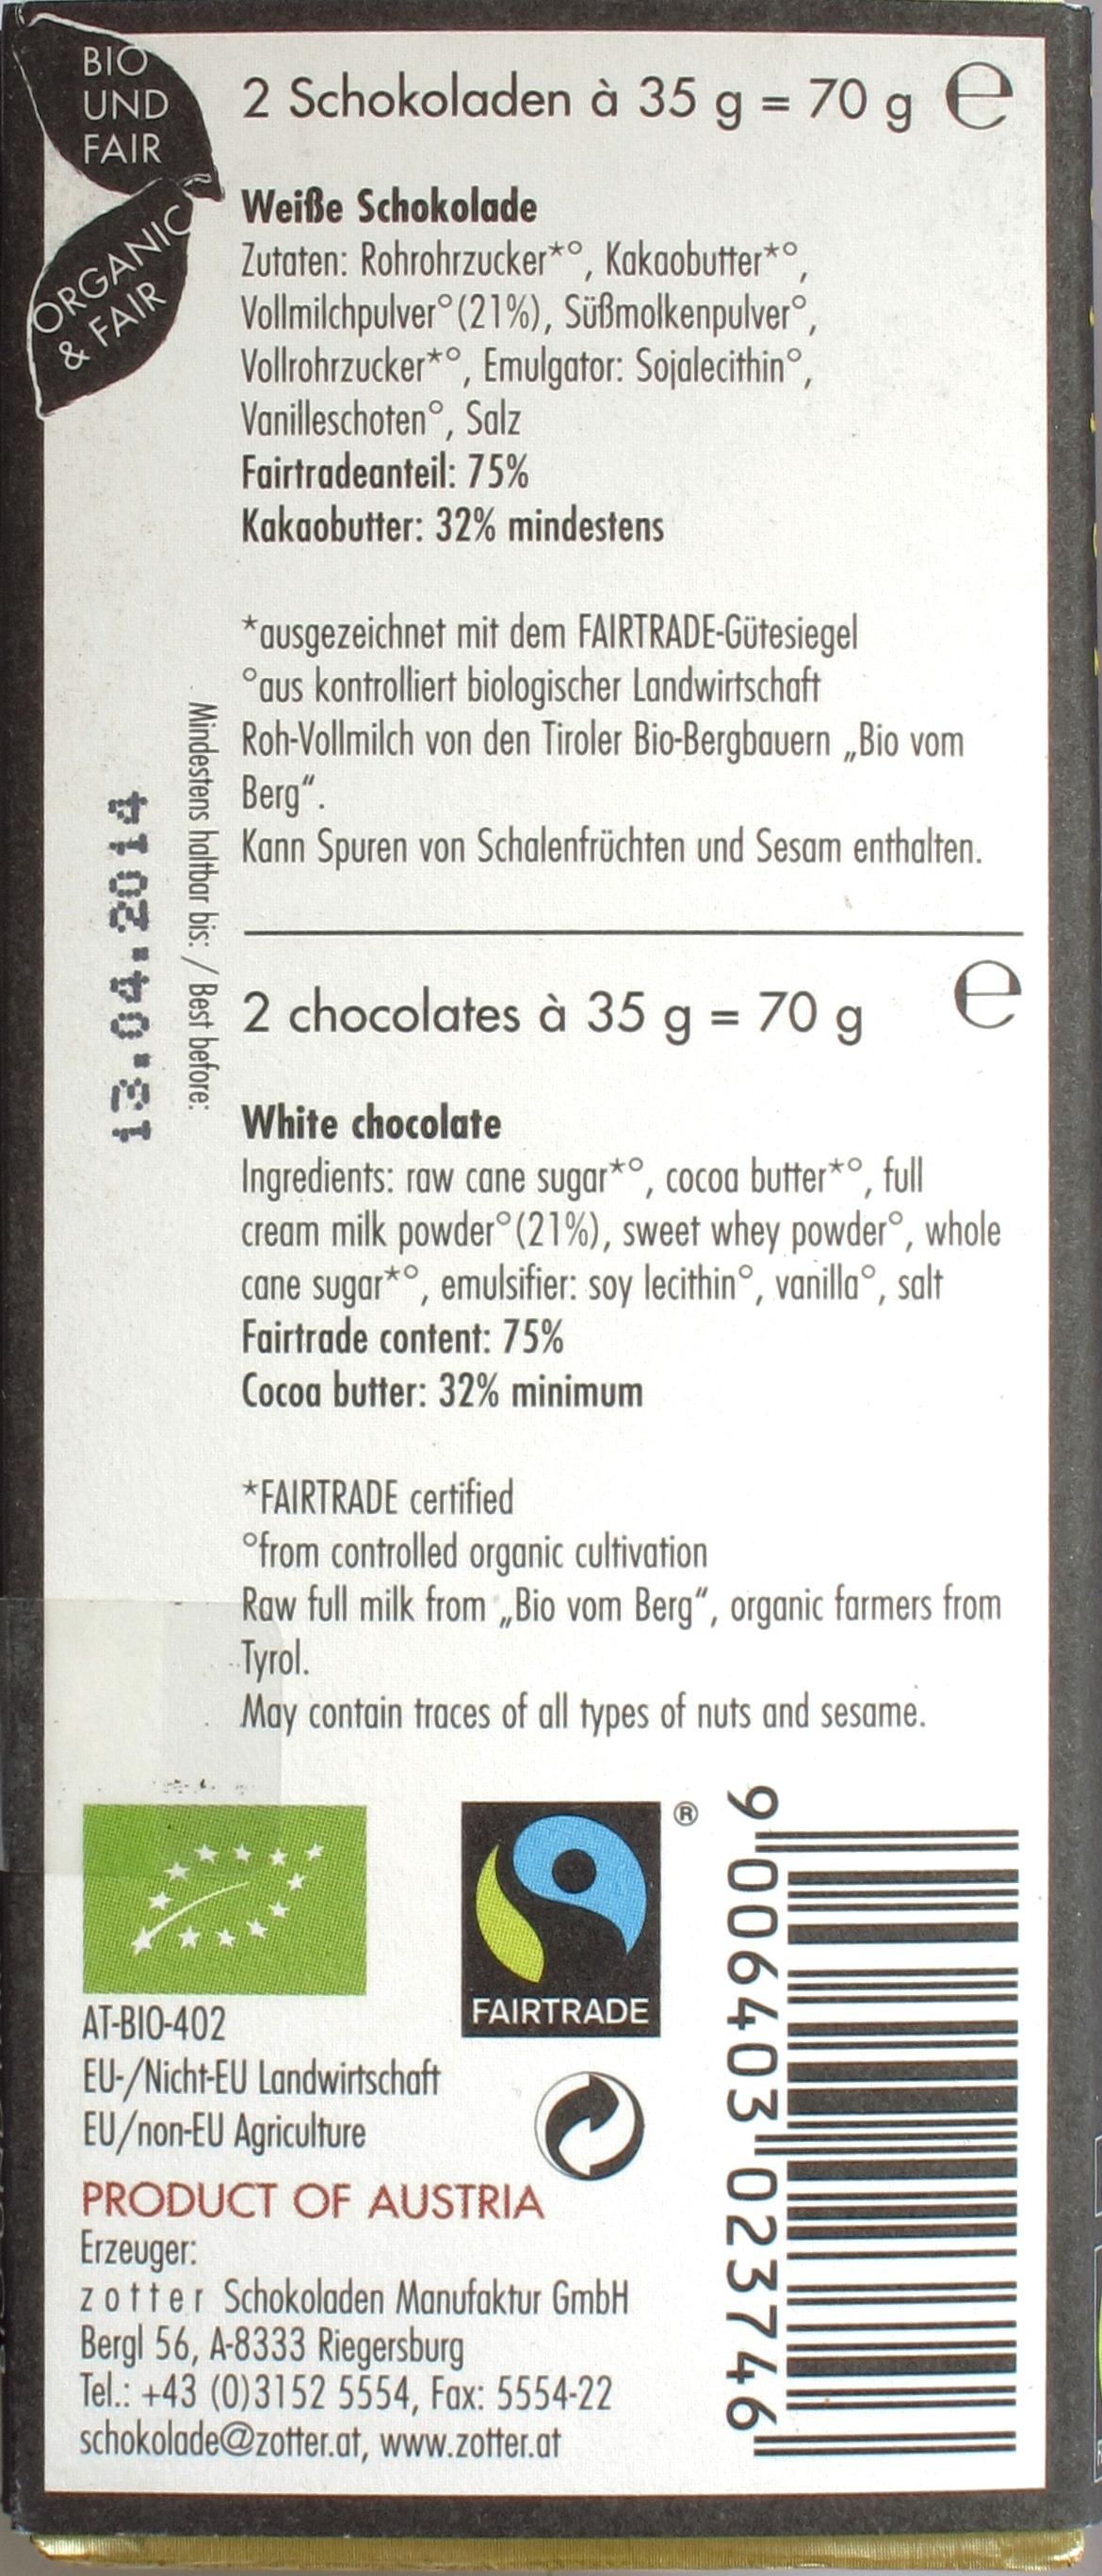 Zotter Labooko Weiße Schokolade, Rückseite